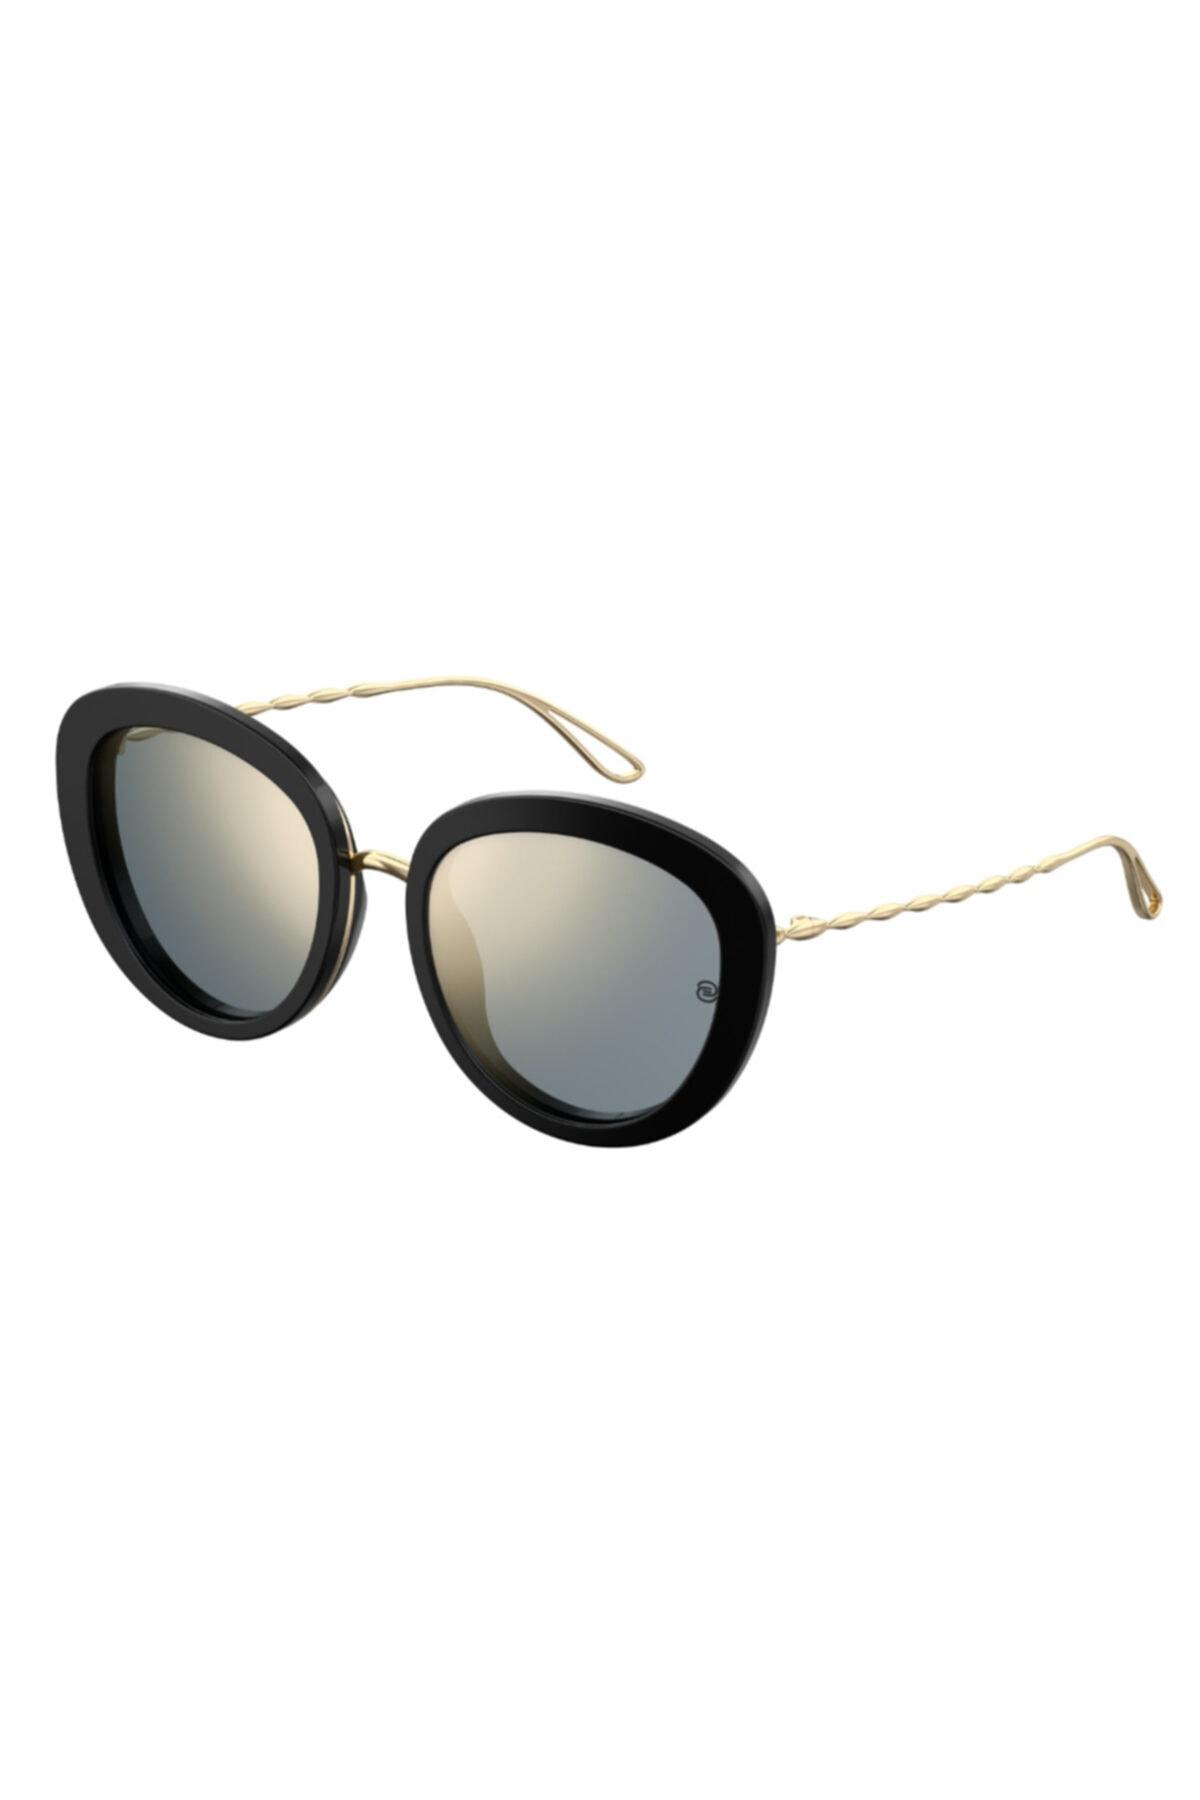 Elie Saab Kadın Güneş Gözlüğü 1